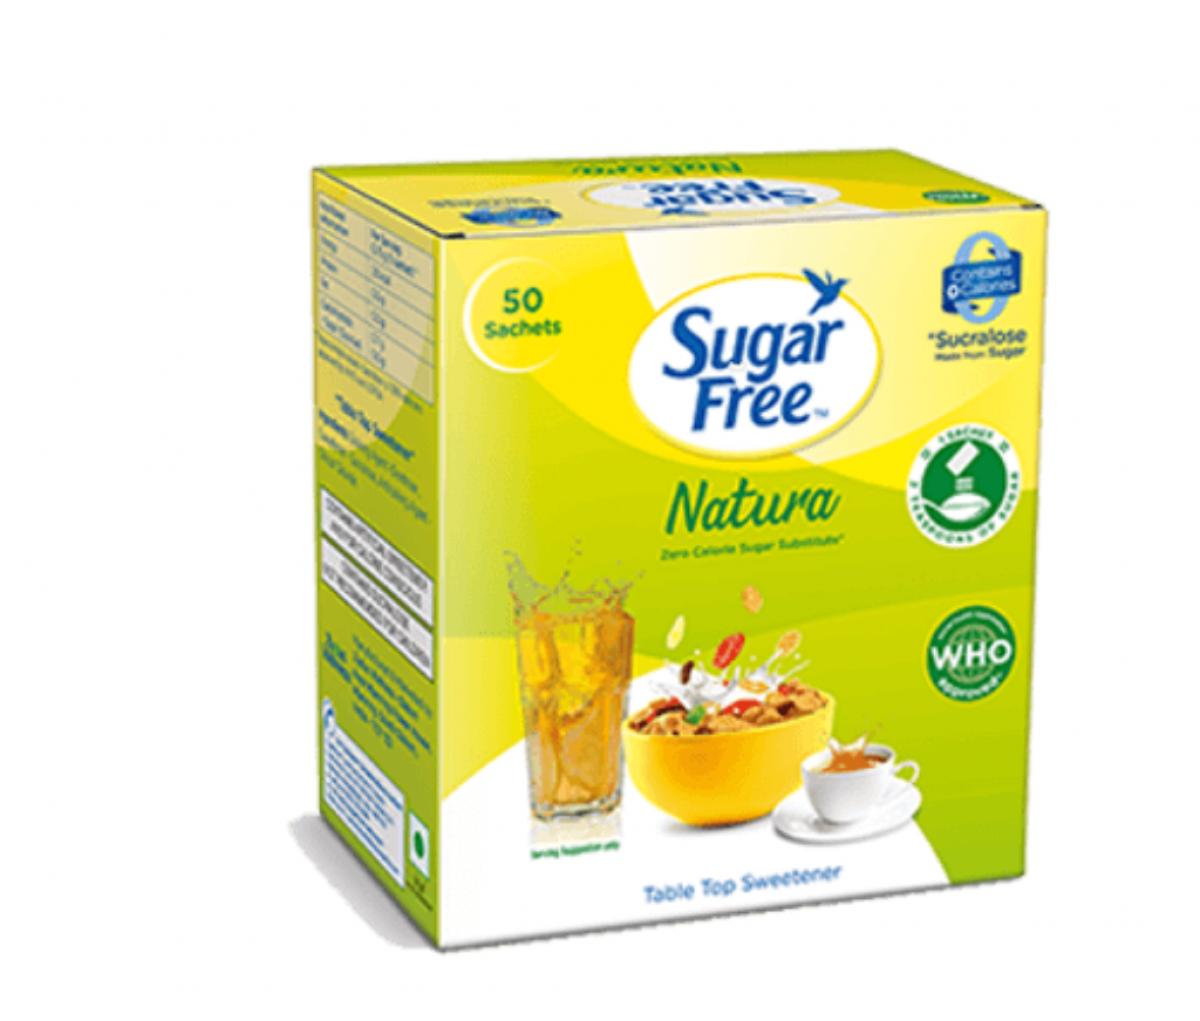 Sugarfree Natura Sweetener Sachets 50g